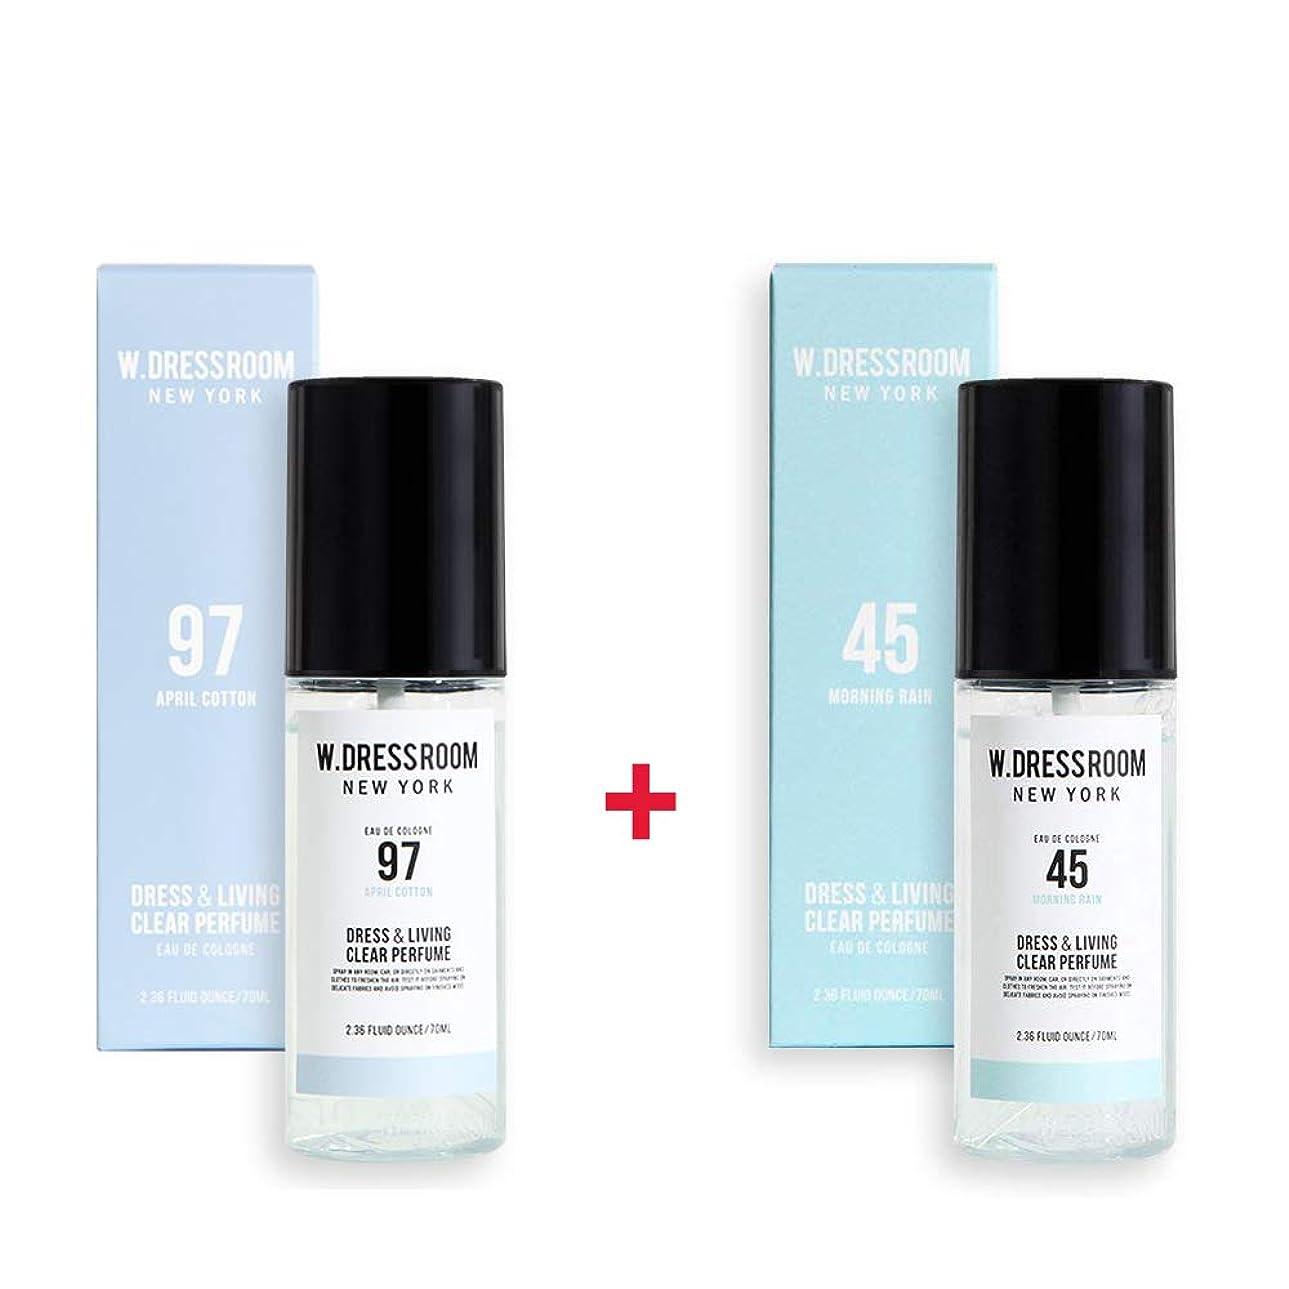 ビバブートエージェントW.DRESSROOM Dress & Living Clear Perfume 70ml (No 97 April Cotton)+(No 45 Morning Rain)